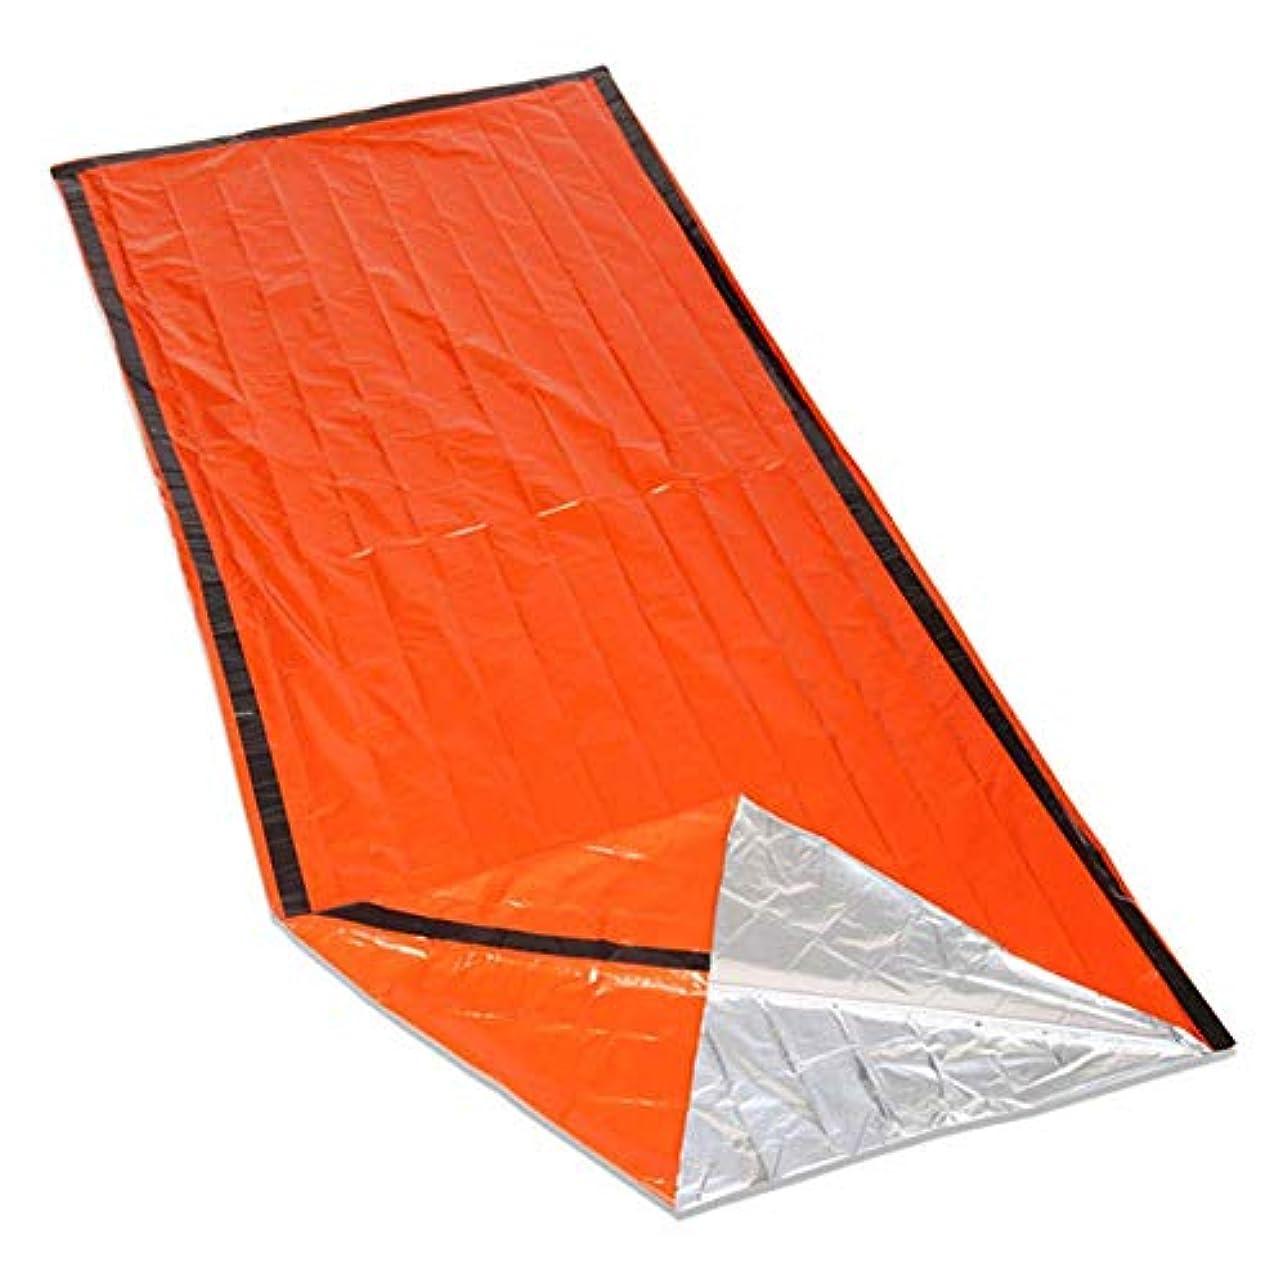 彼らのロッカー空白屋外寝袋ポータブル緊急寝袋ライト寝袋キャンプ旅行ハイキング屋外旅行